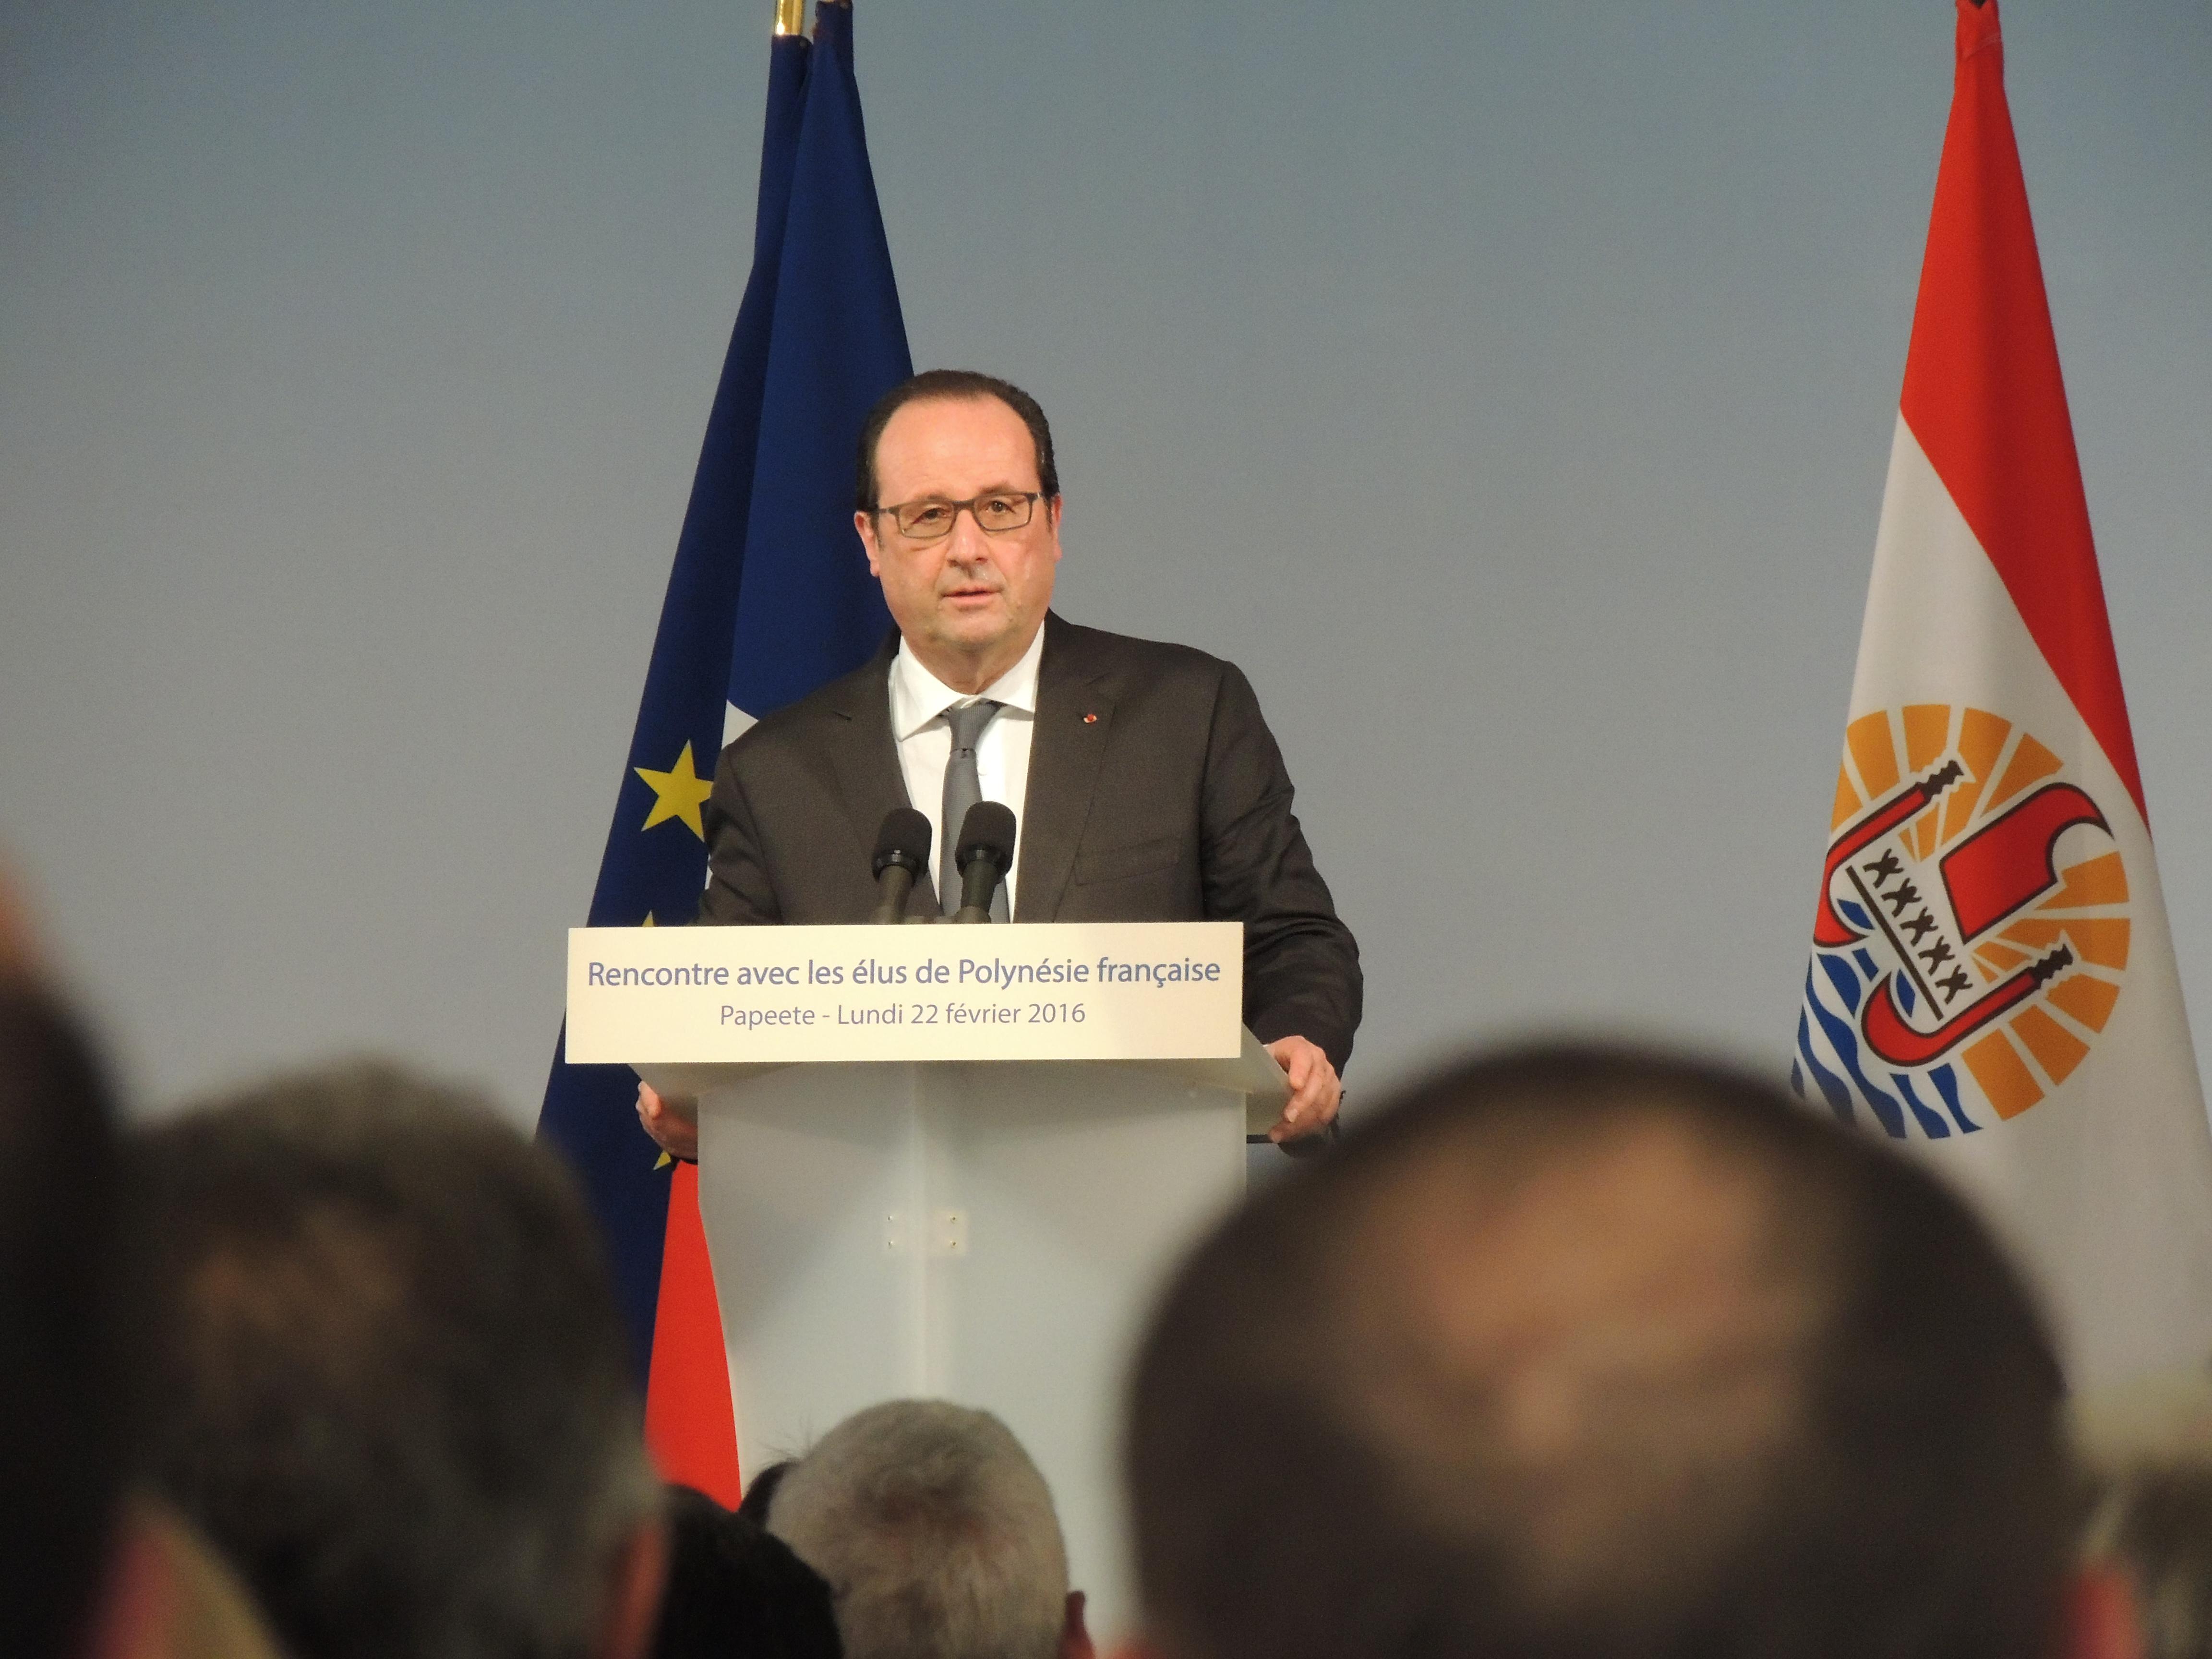 Discours de François Hollande devant les élus de la Polynésie française, pendant lequel il reconnait les conséquences des essais nucléaires ©Tahiti-infos